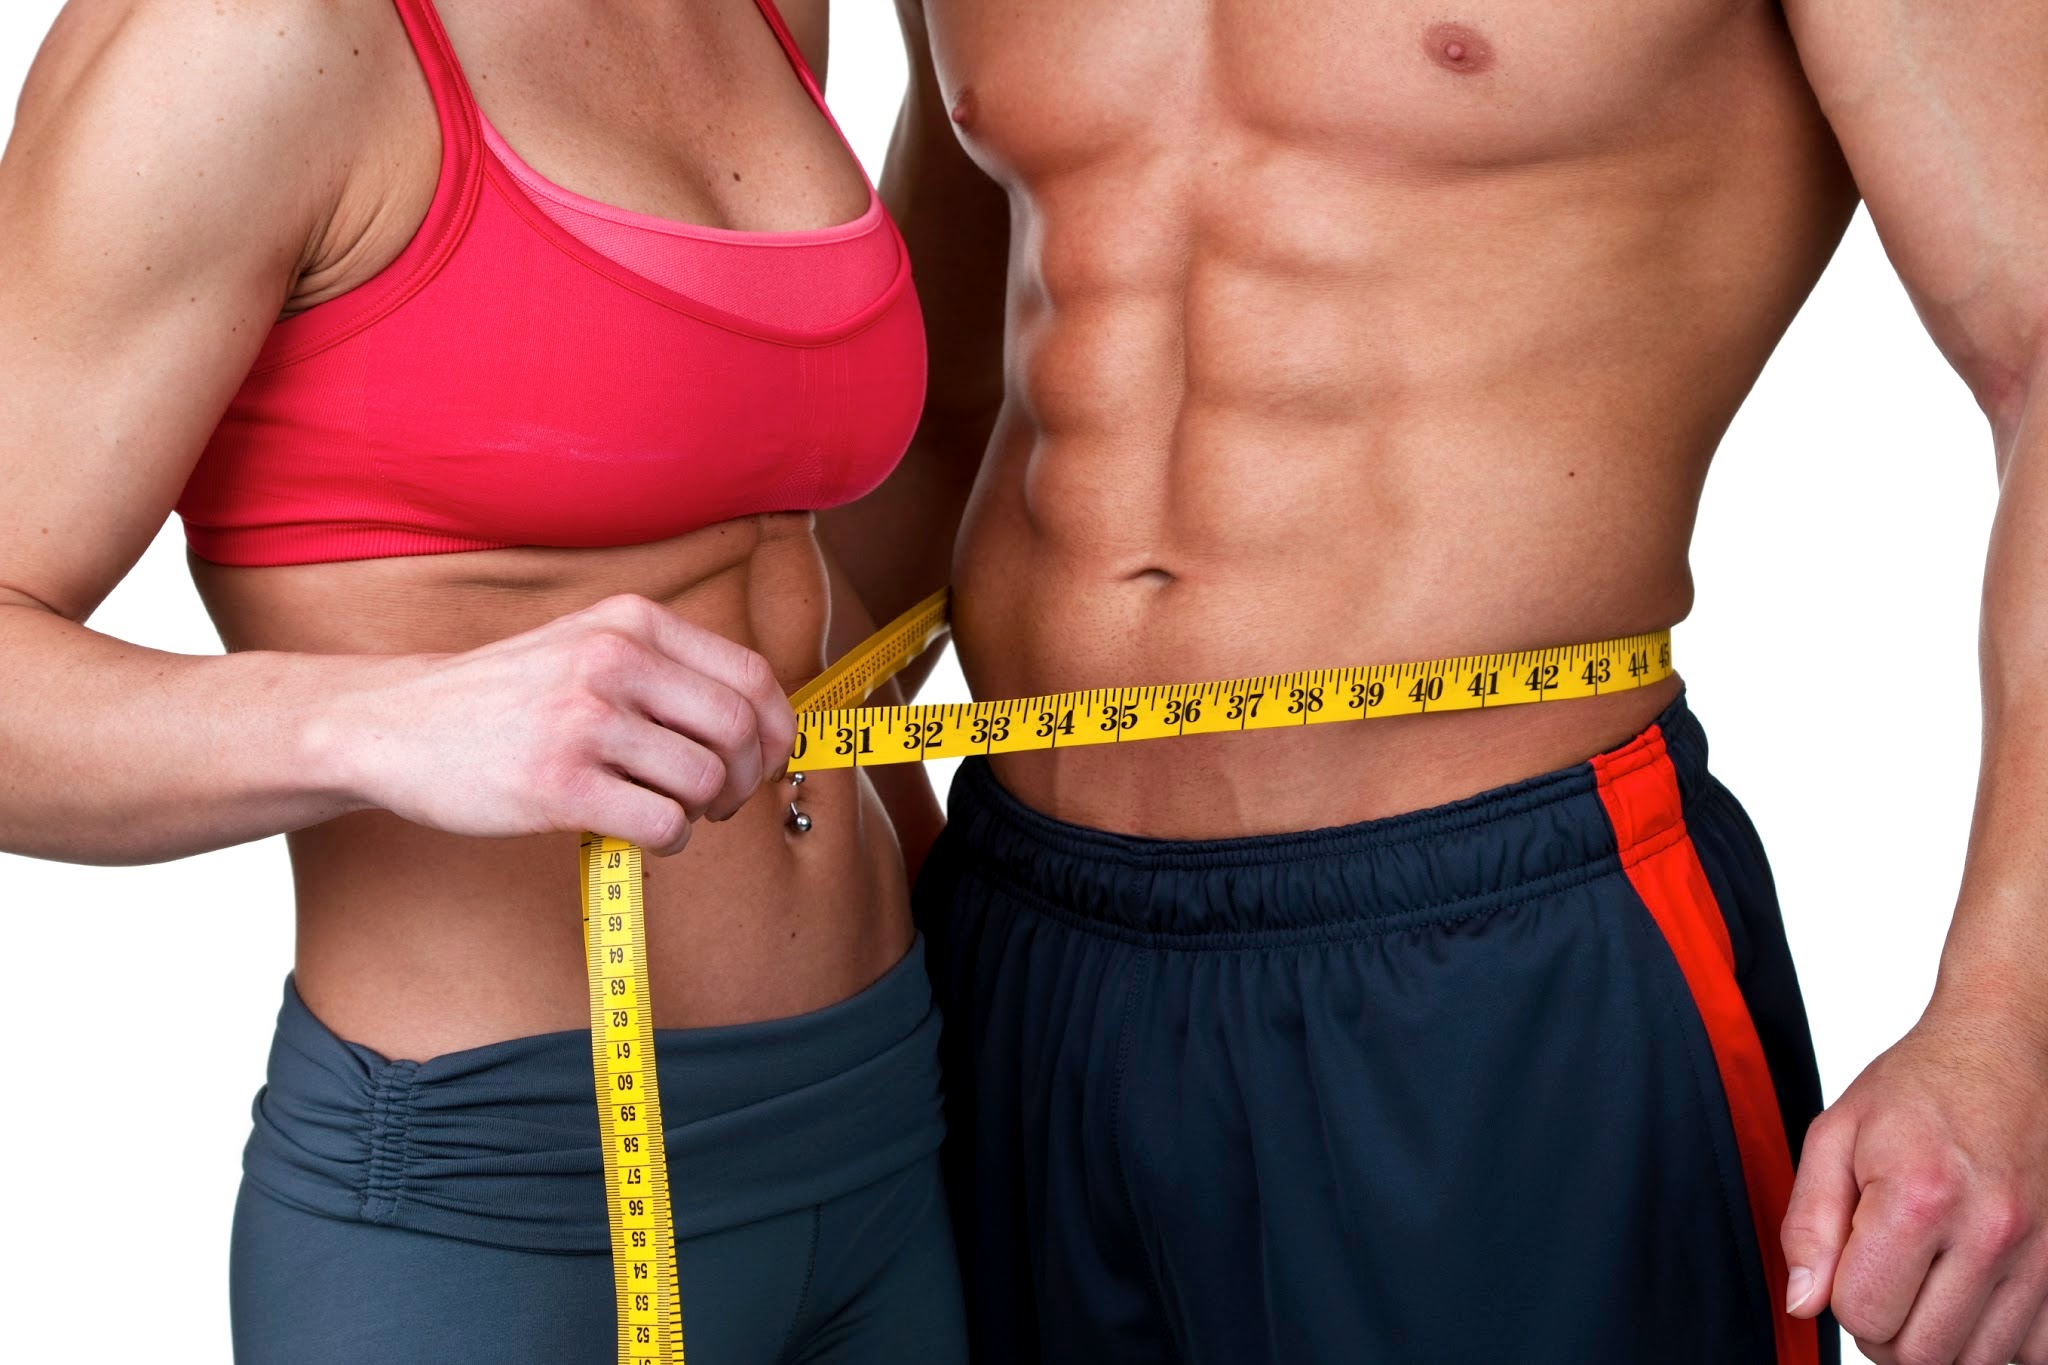 Как Сбросить Лишний Вес Для Мужиков. Как быстро мужчине сбросить вес в домашних условиях